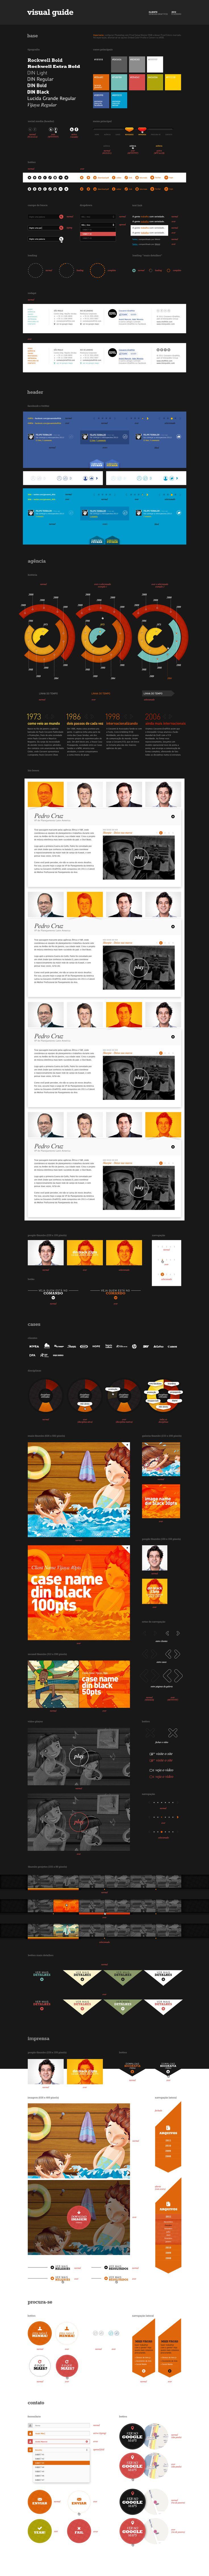 Visual Guide/Stylesheet - Site Giovanni+Draftfcb (giovannidraftfcb.com.br)